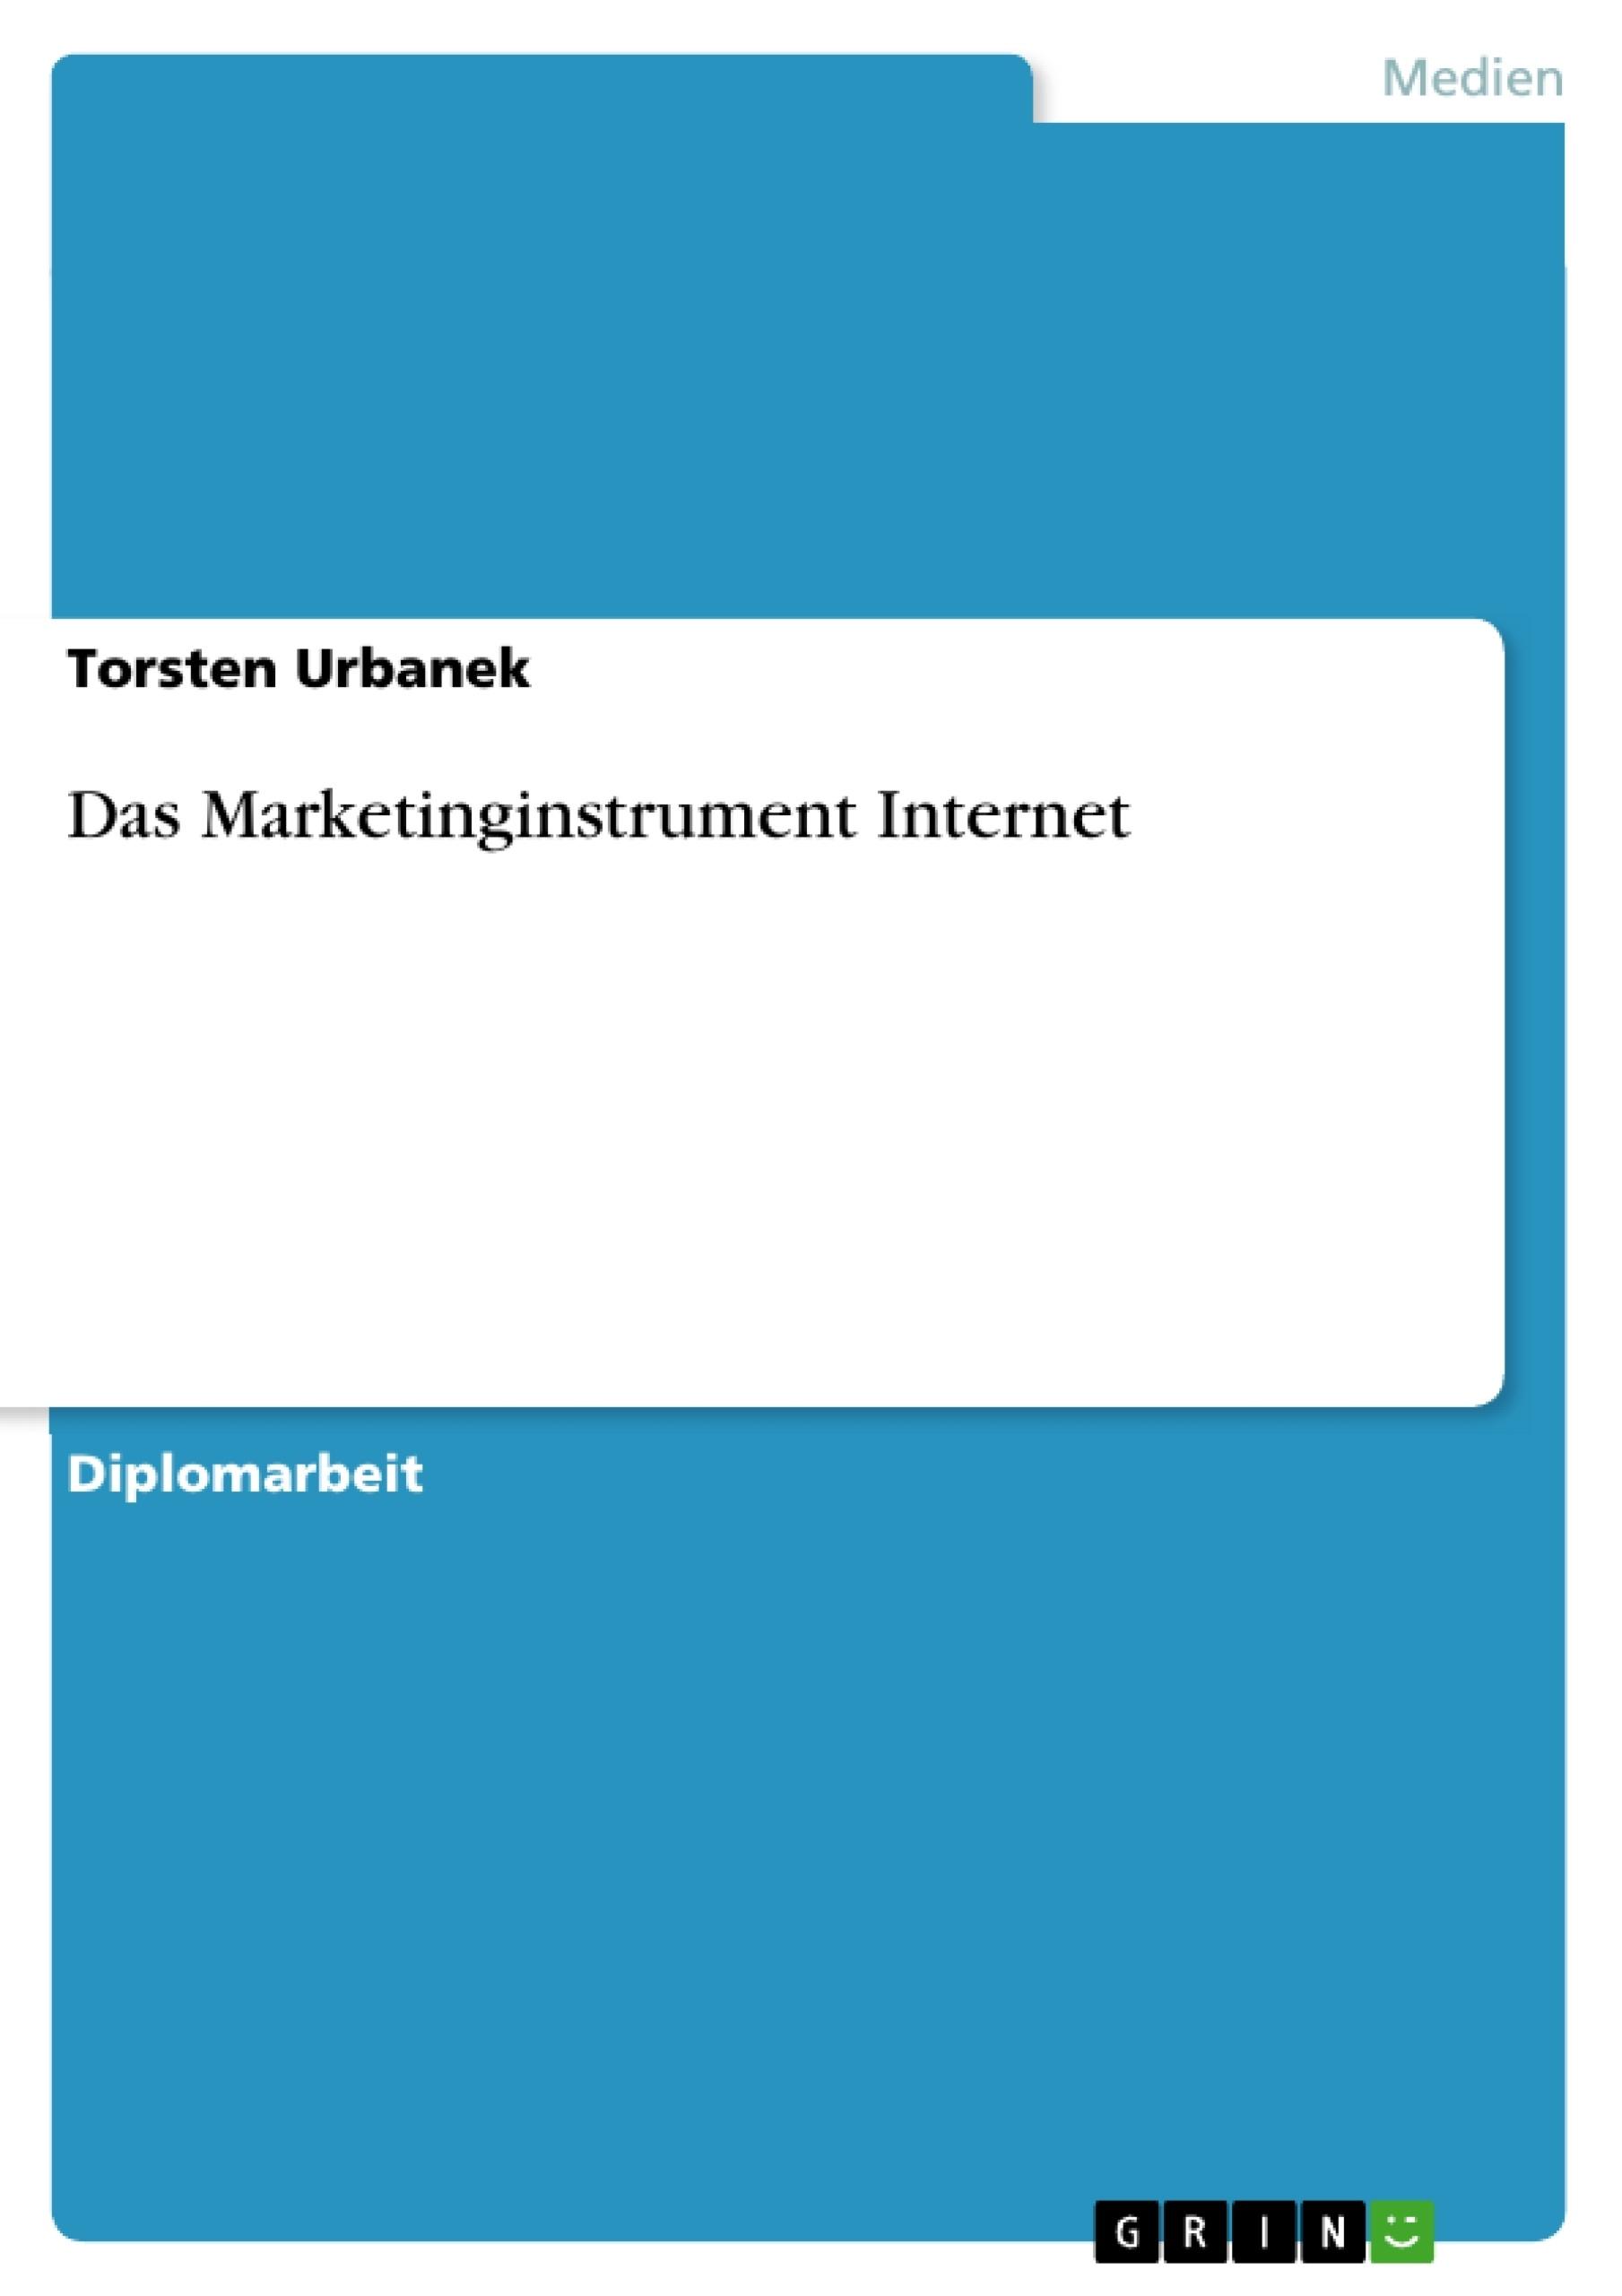 Titel: Das Marketinginstrument Internet